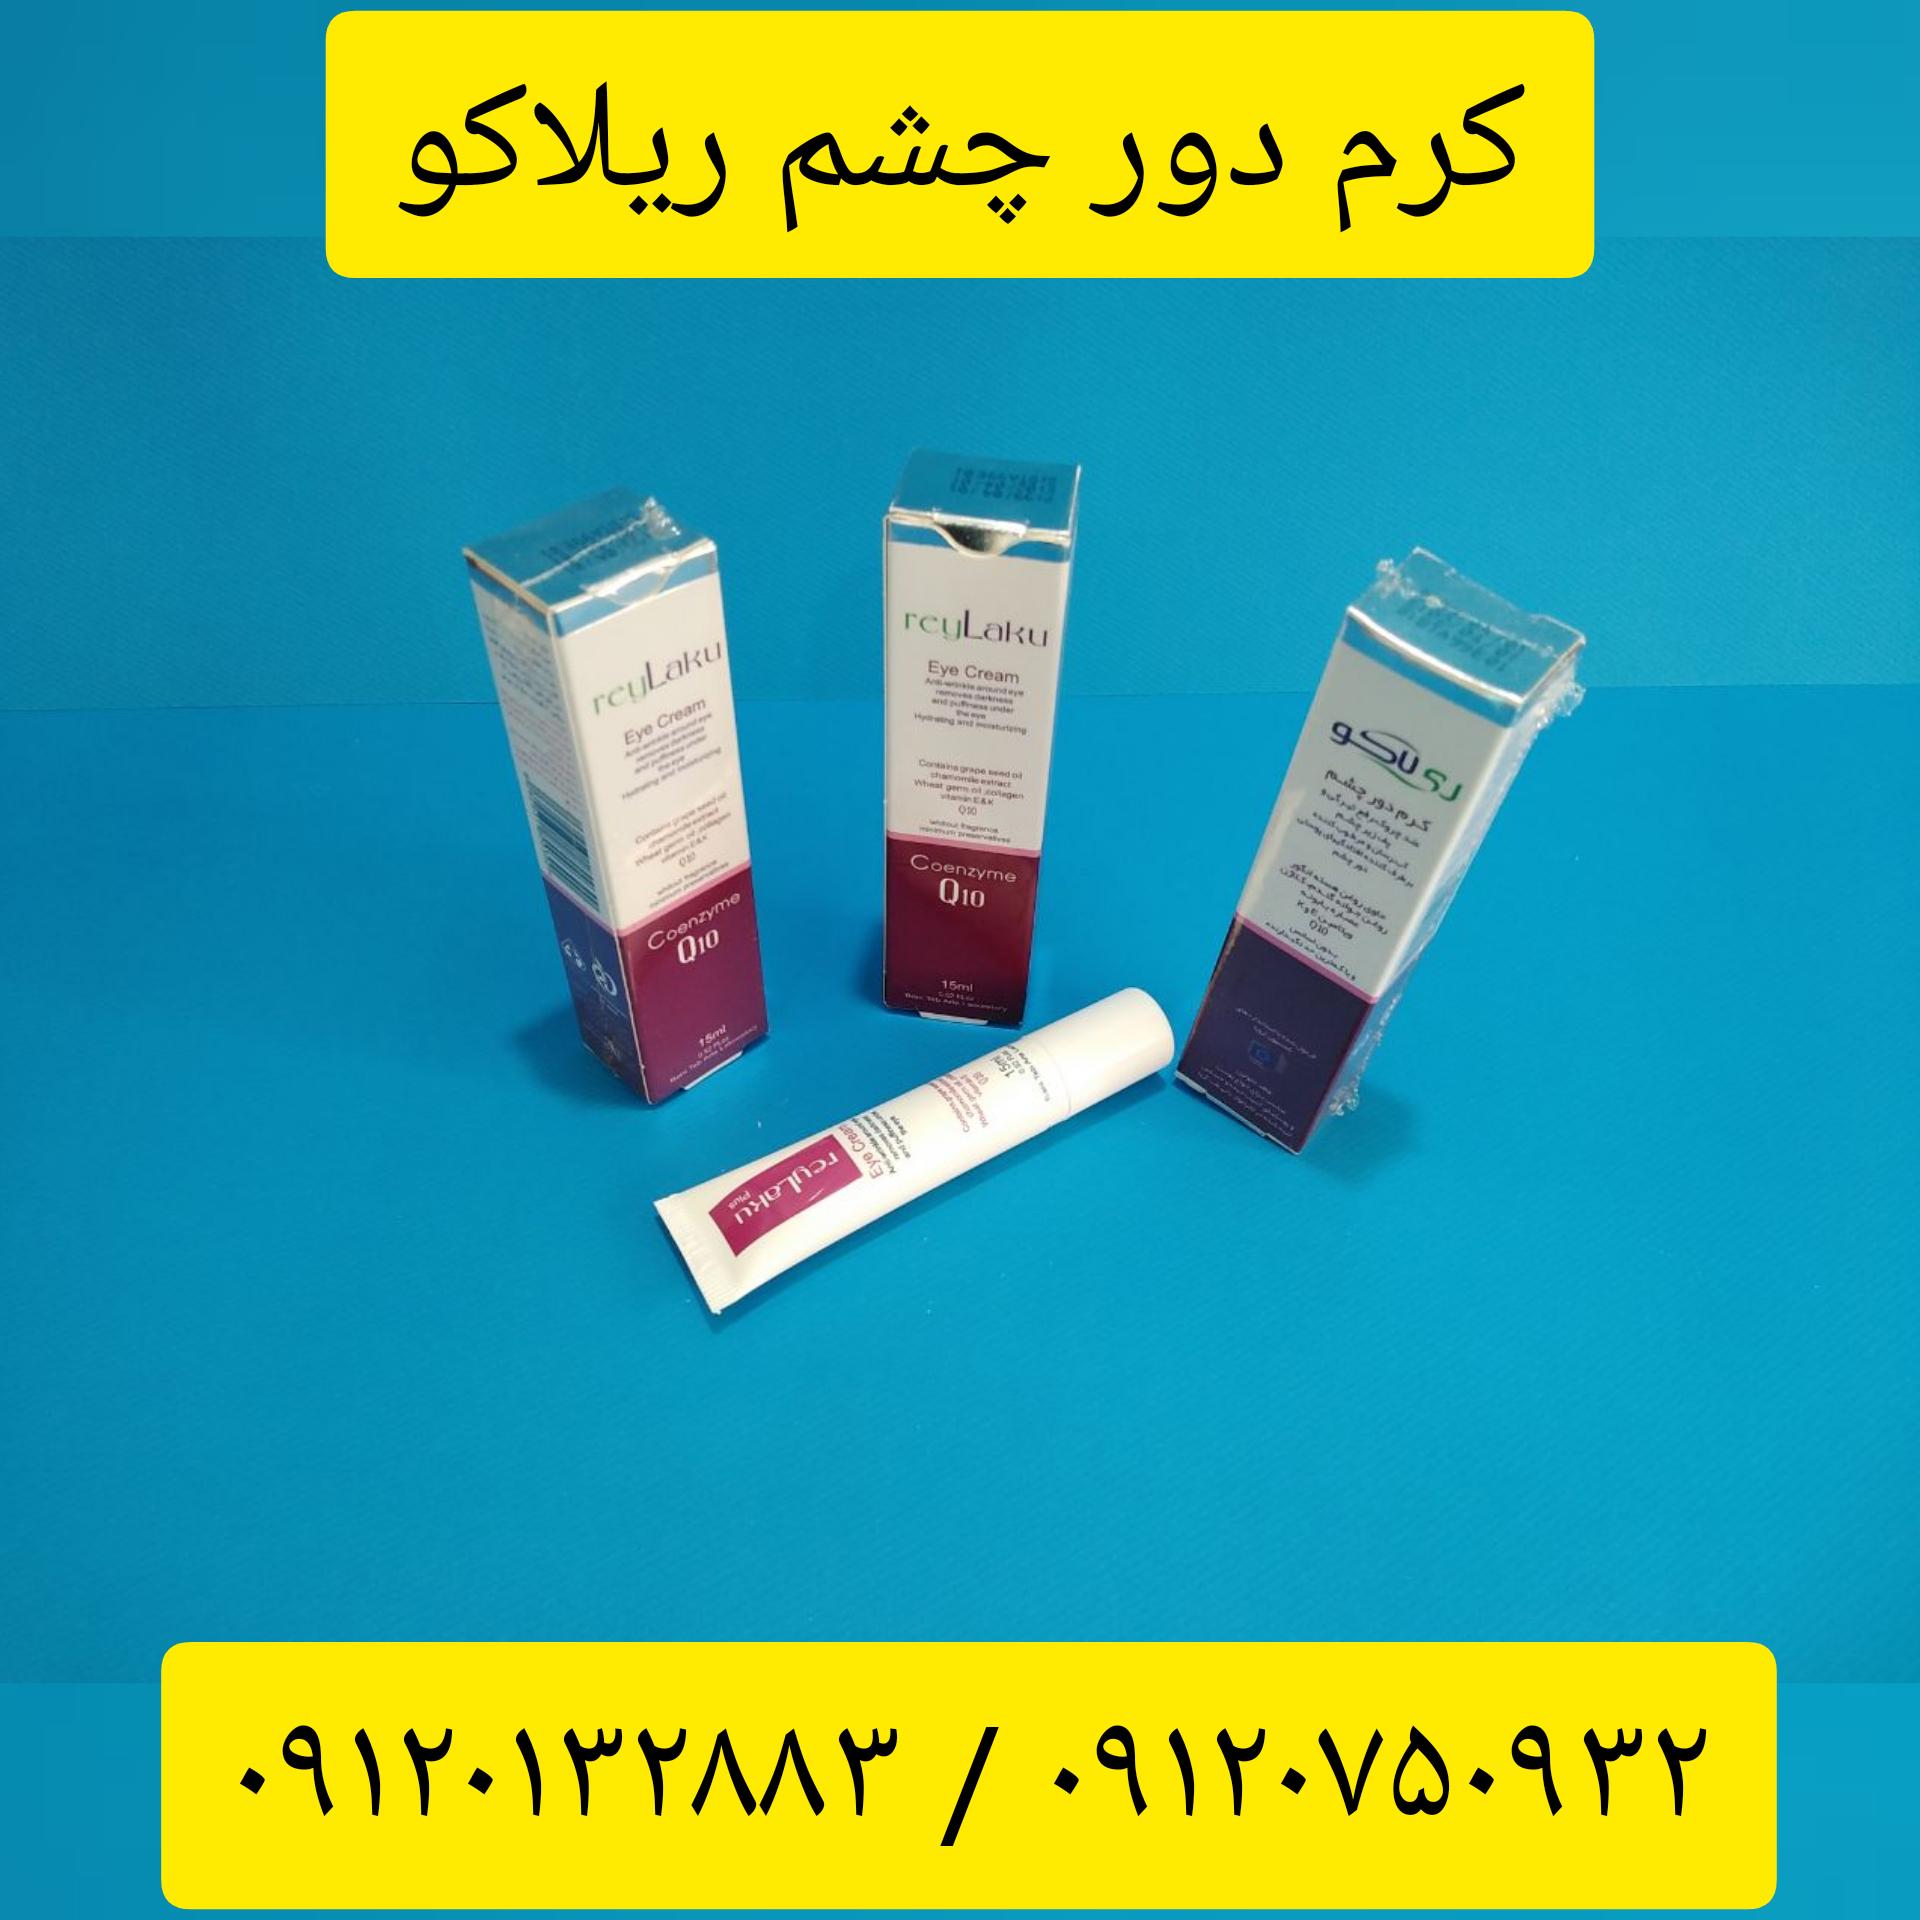 کرم دور چشم ریلاکو /۰۹۱۲۰۱۳۲۸۸۳/کرم دور چشم